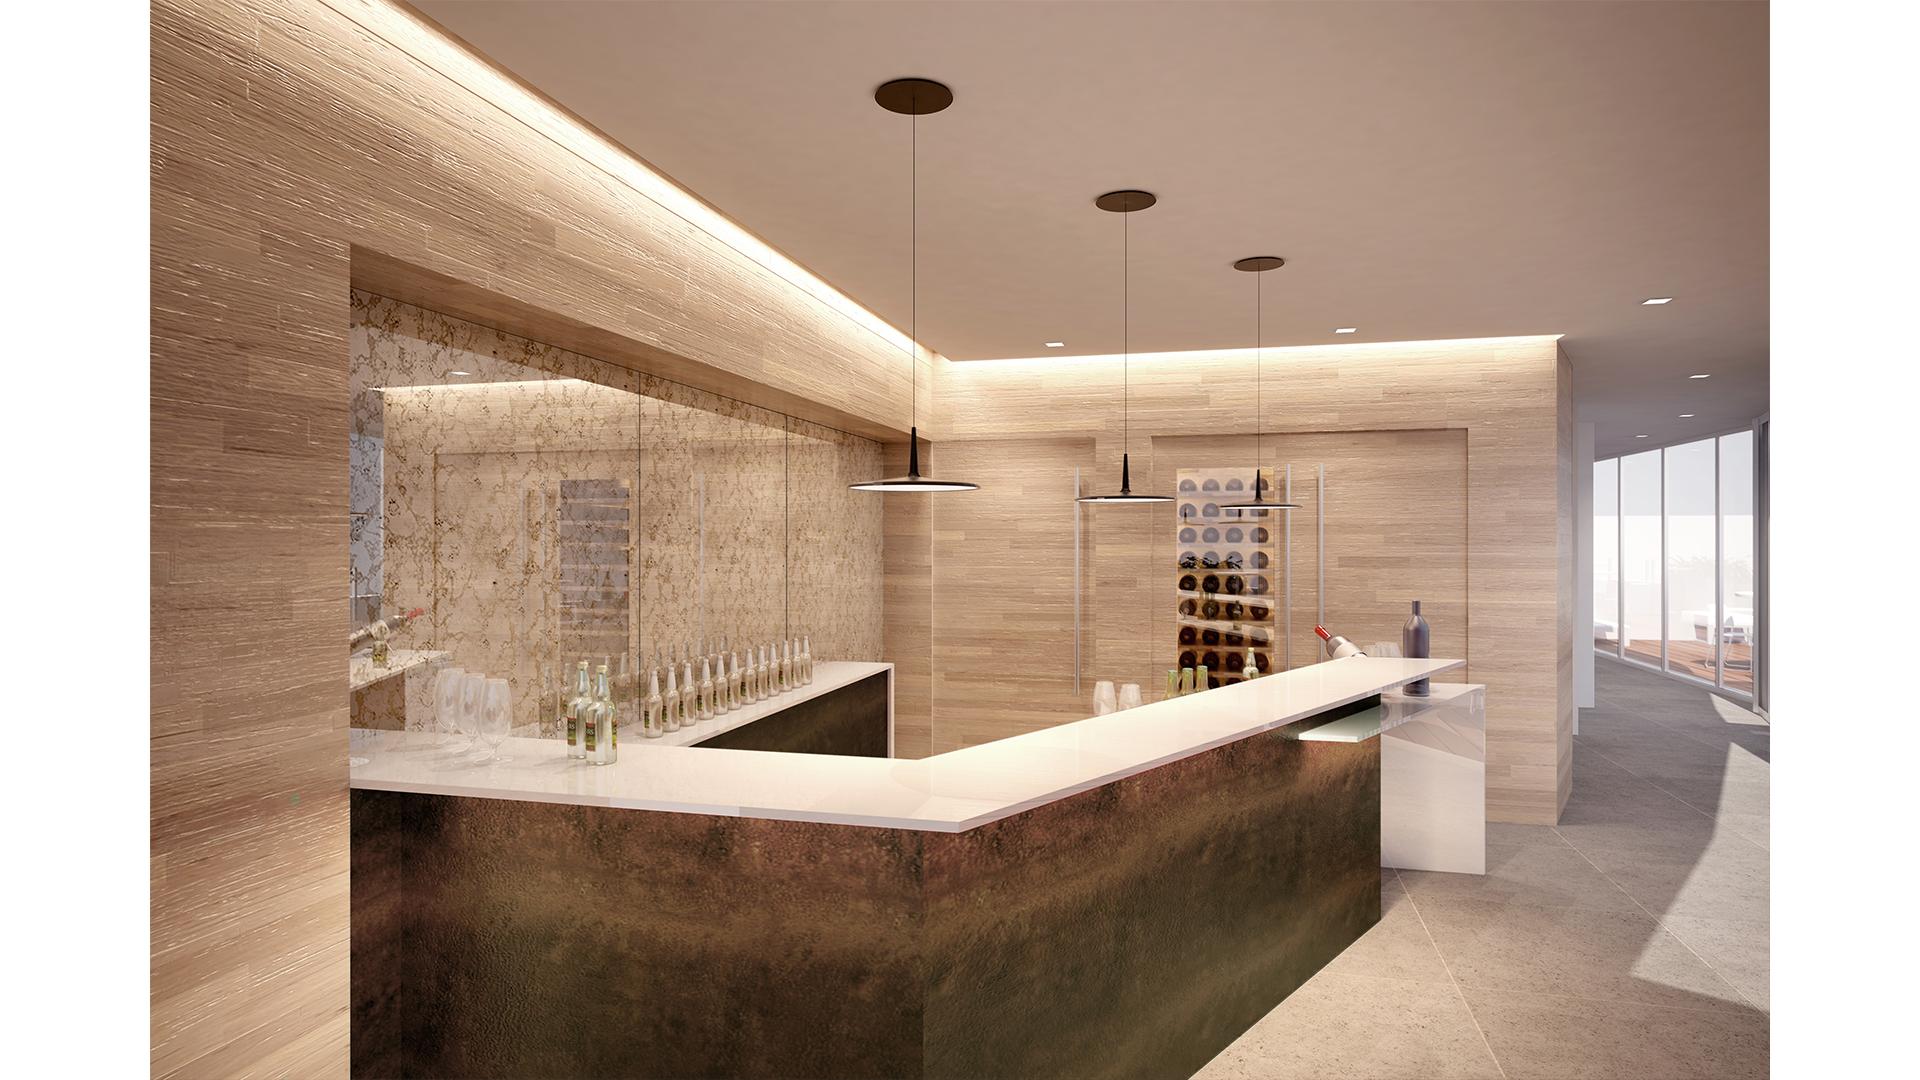 IMD_Rendering_Commercial_Sands Capitol_1375_OTJ_Sands_100 Wilson_Bar_Final.jpg